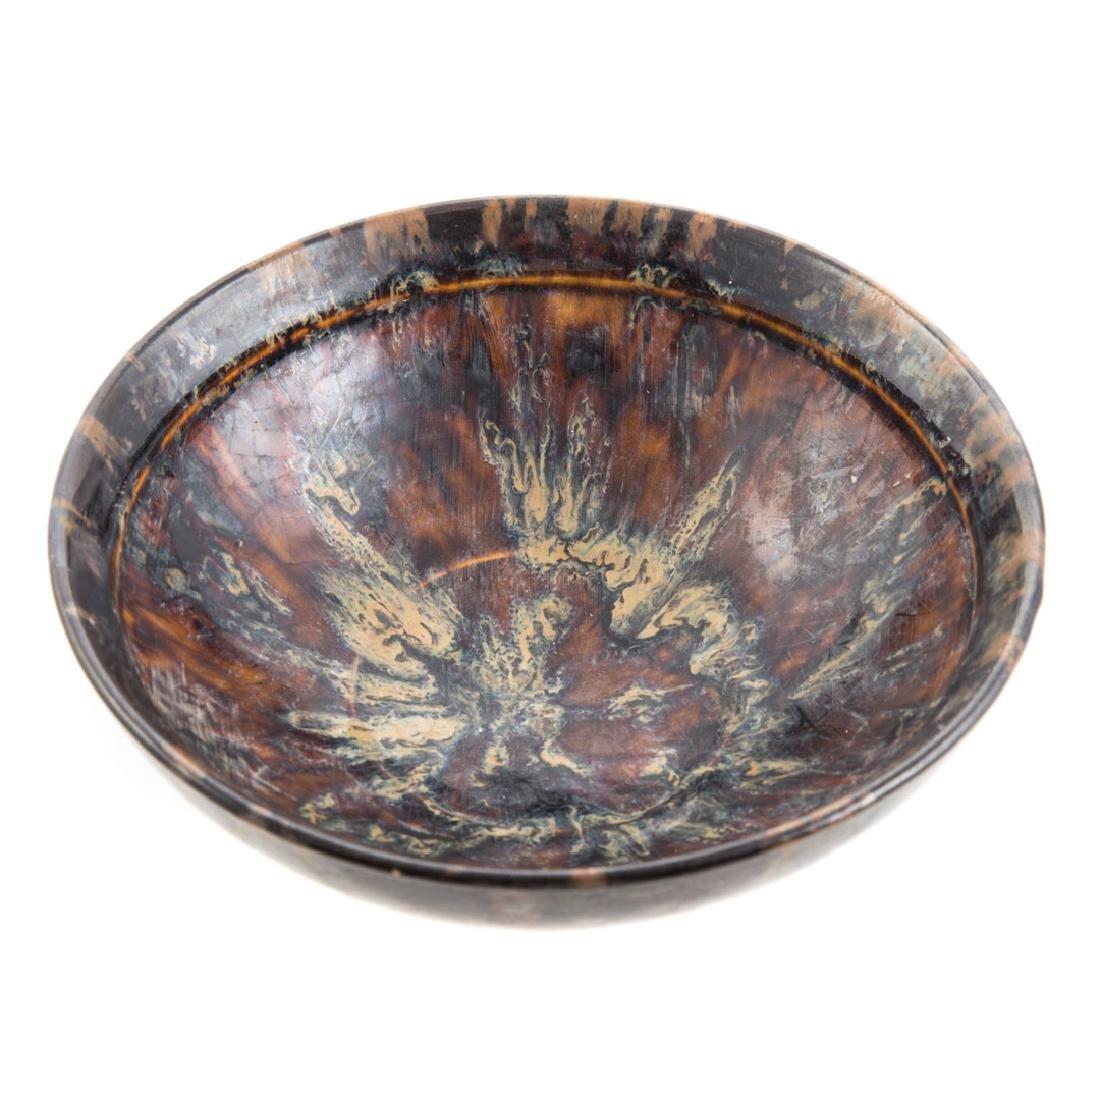 Chinese tortoiseshell glazed bowl - 2